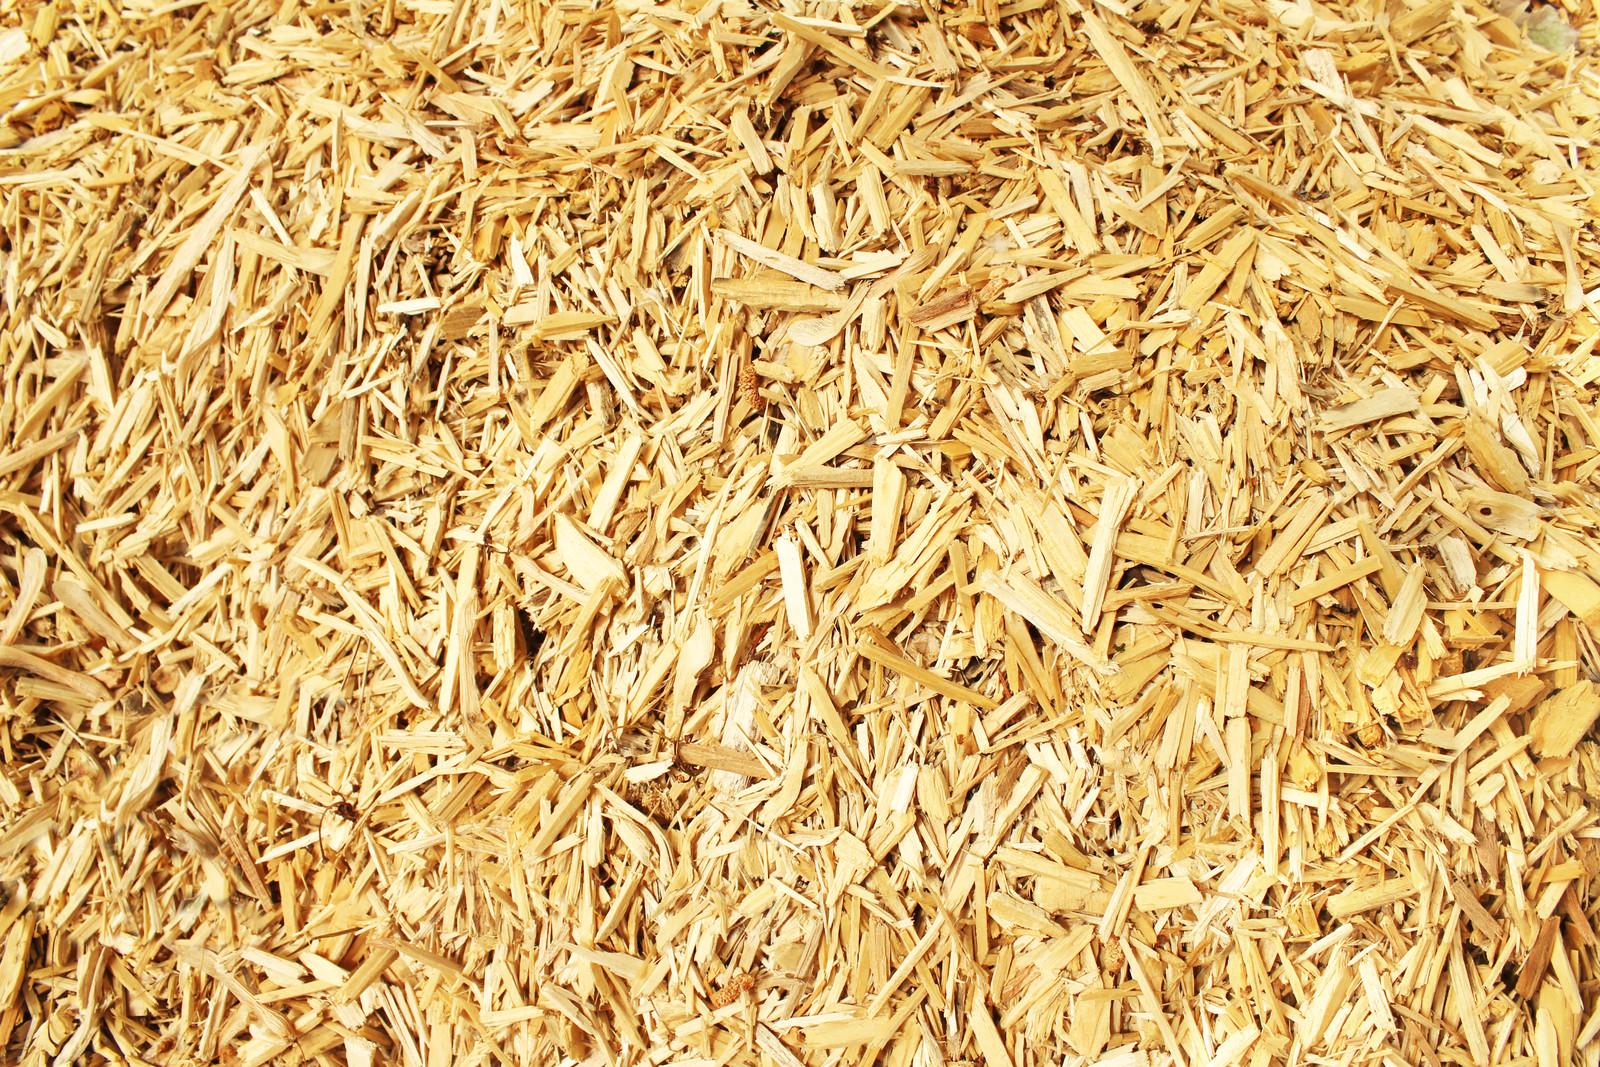 REBI SLU: Biomasa y beneficios medioambientales